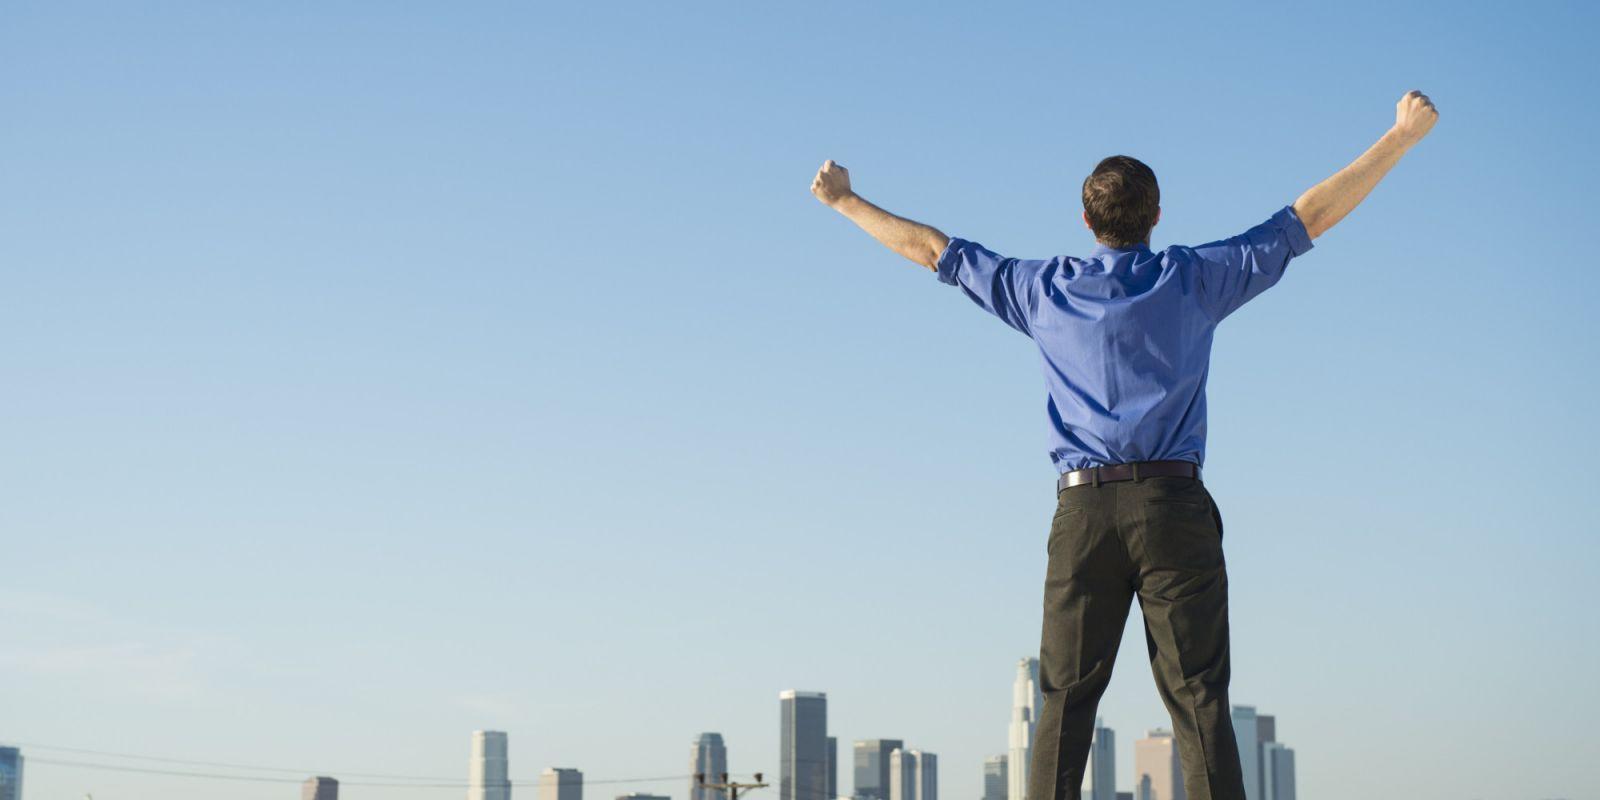 4 cách để đạt được mục tiêu trong cuộc sống bạn nên áp dụng ngay